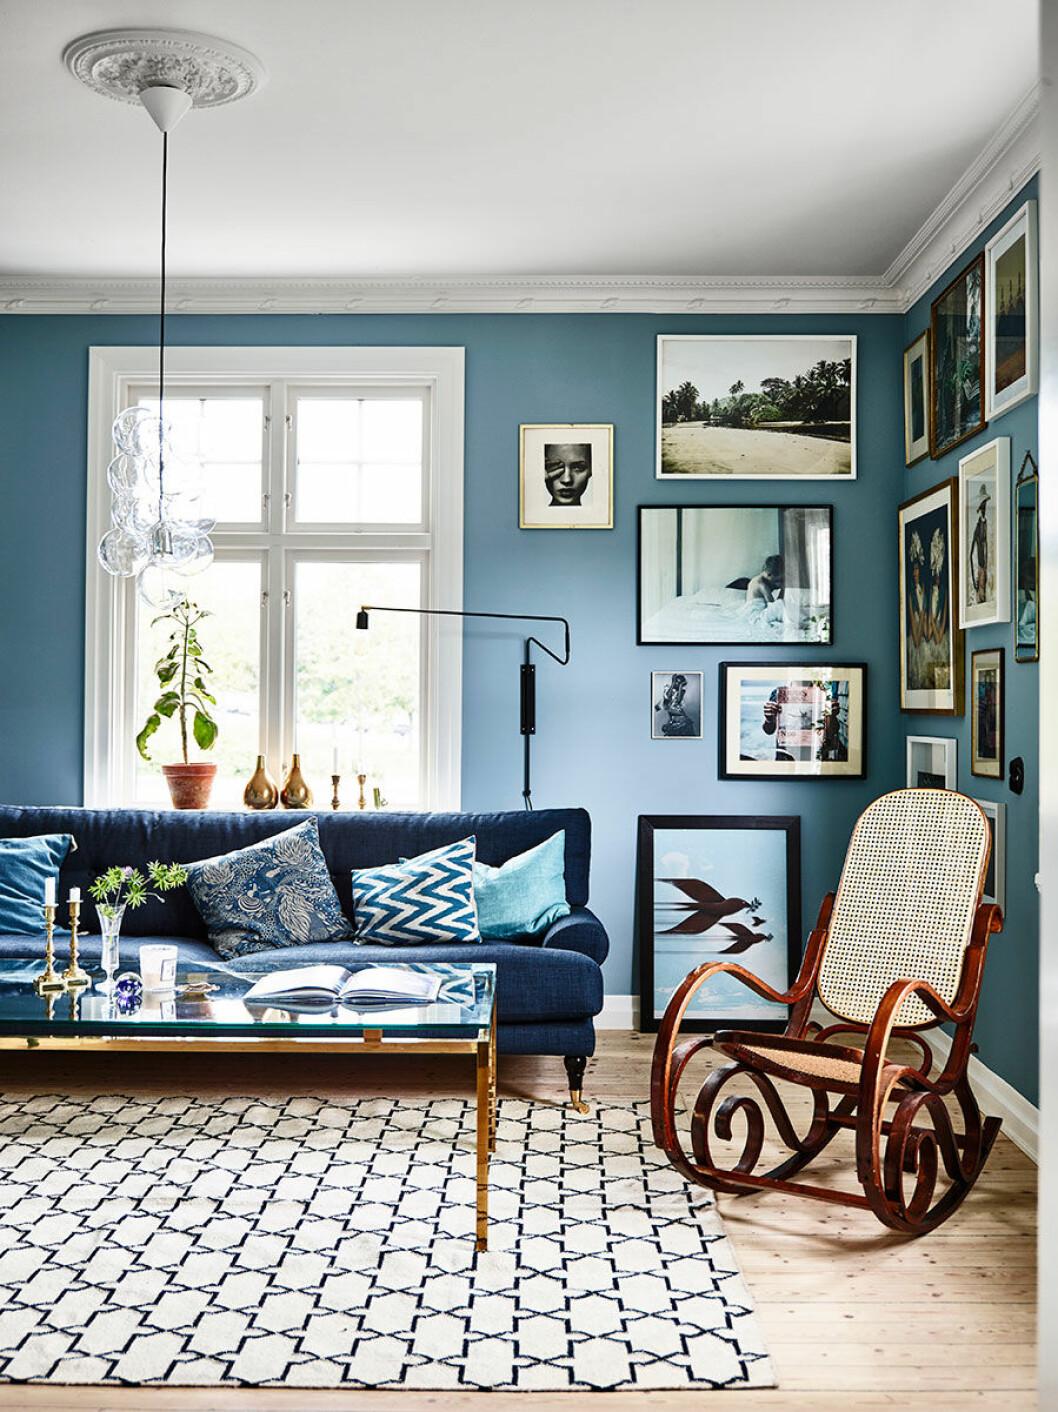 Soffan är inköpt på The Sofa Store,  matta från Chhatwal & Jonsson/ Studio Pompone. Både gungstolen och soffbordet har Jonas hittat hos Bukowskis och de båda lamporna  kommer från butiken More Furniture  i Varberg. Väggarna pryds av Kristins egna bilder, utrivna tidnings- sidor och foton tagna av vänner.